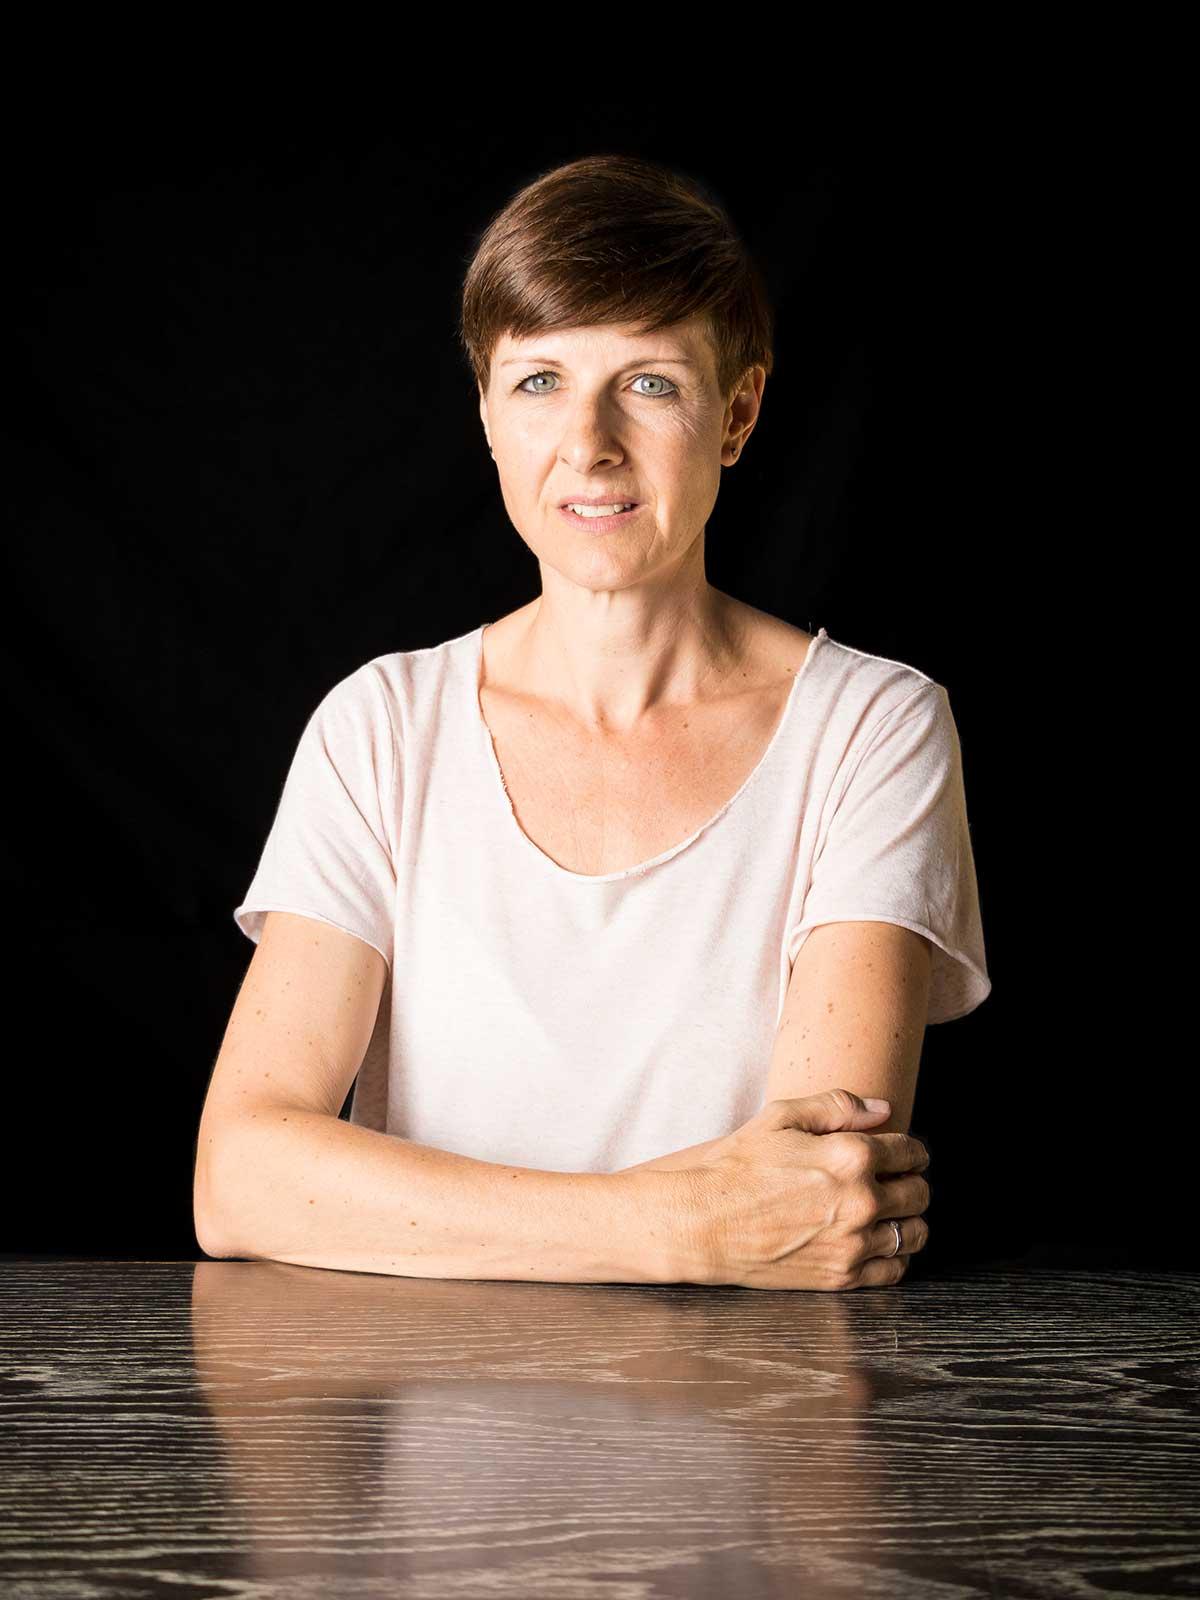 Angela Bächler, empfang, avd goldach ag